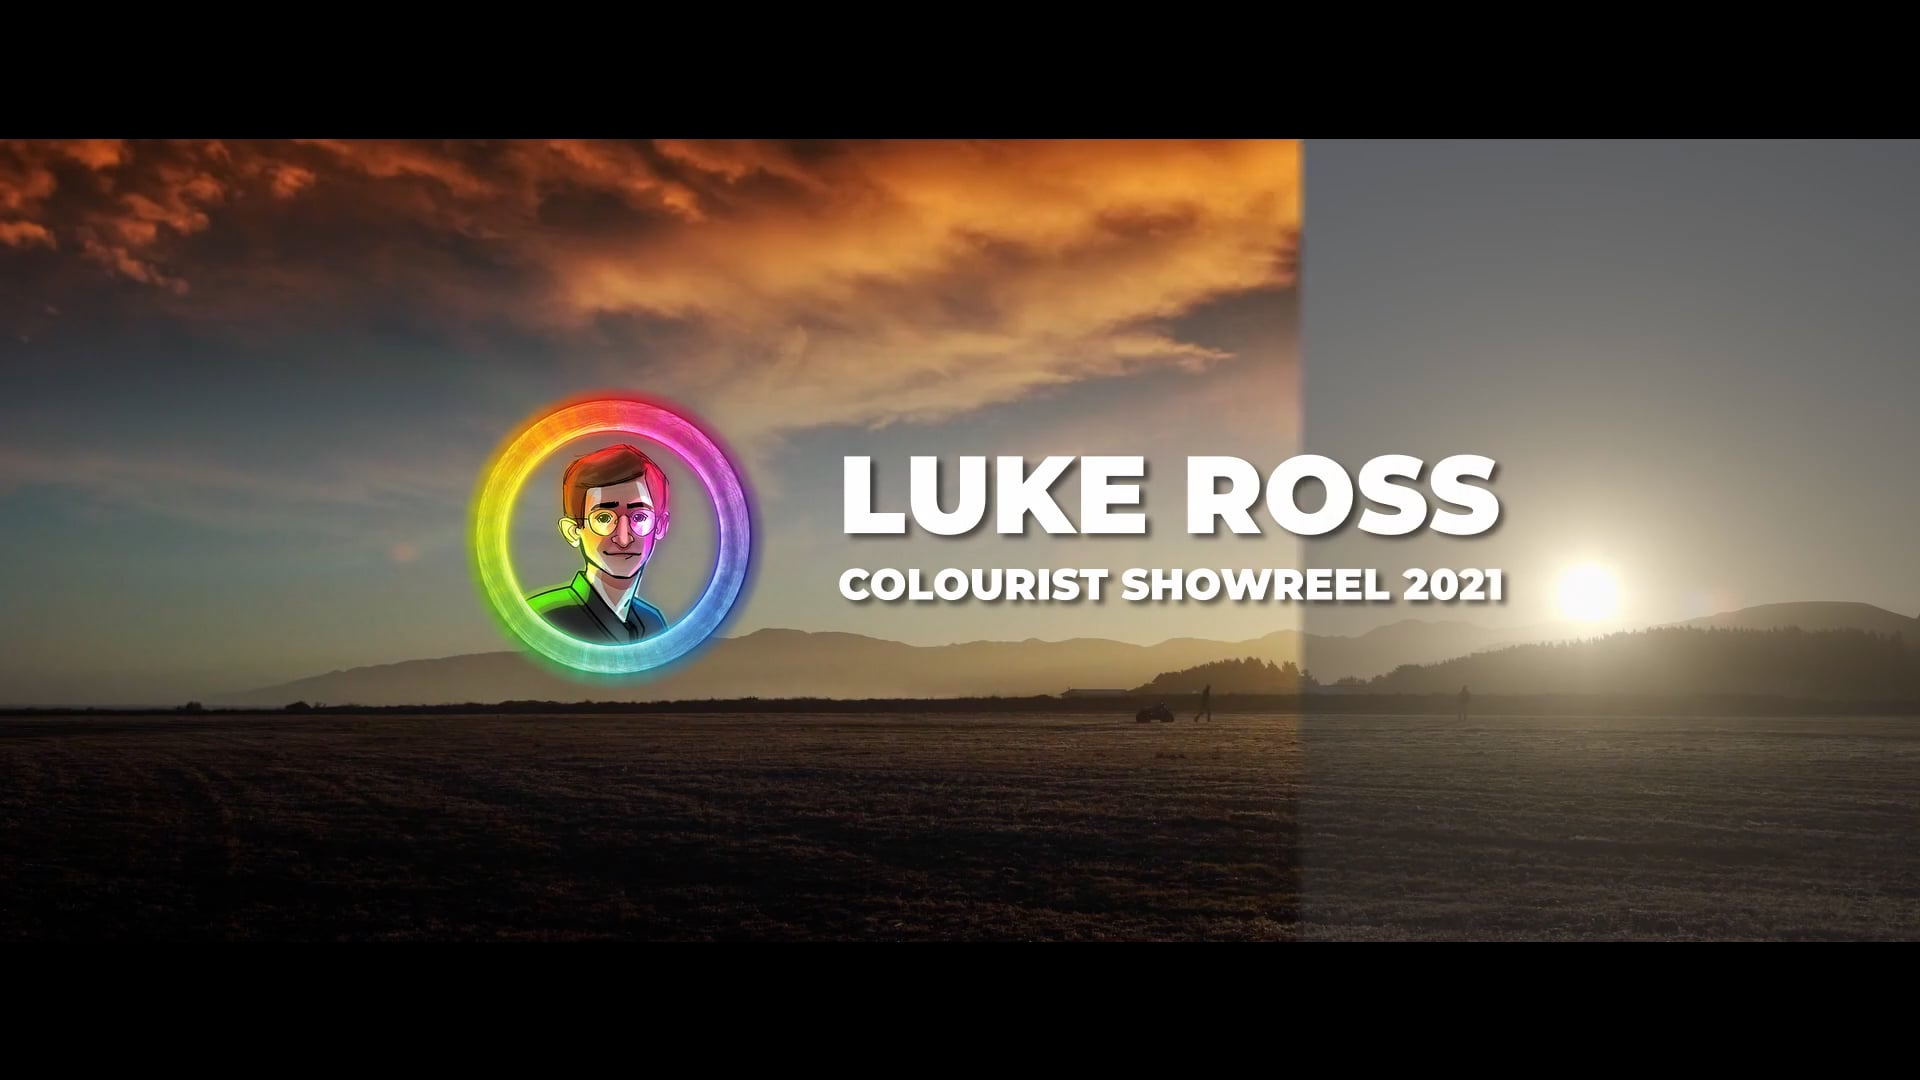 Luke Ross - Colourist Showreel 2021